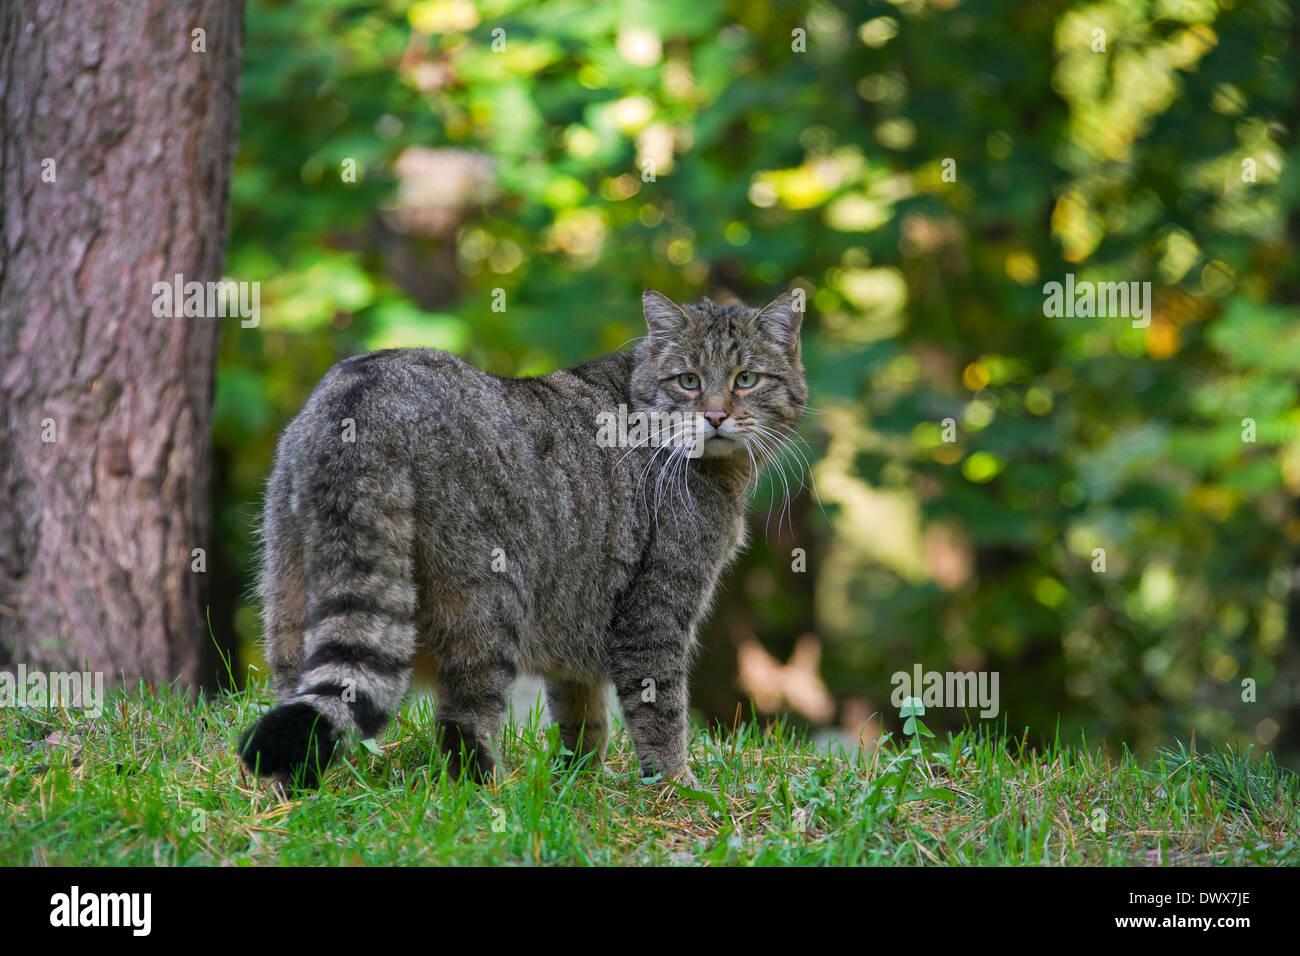 European wildcat (Felis silvestris silvestris) in forest